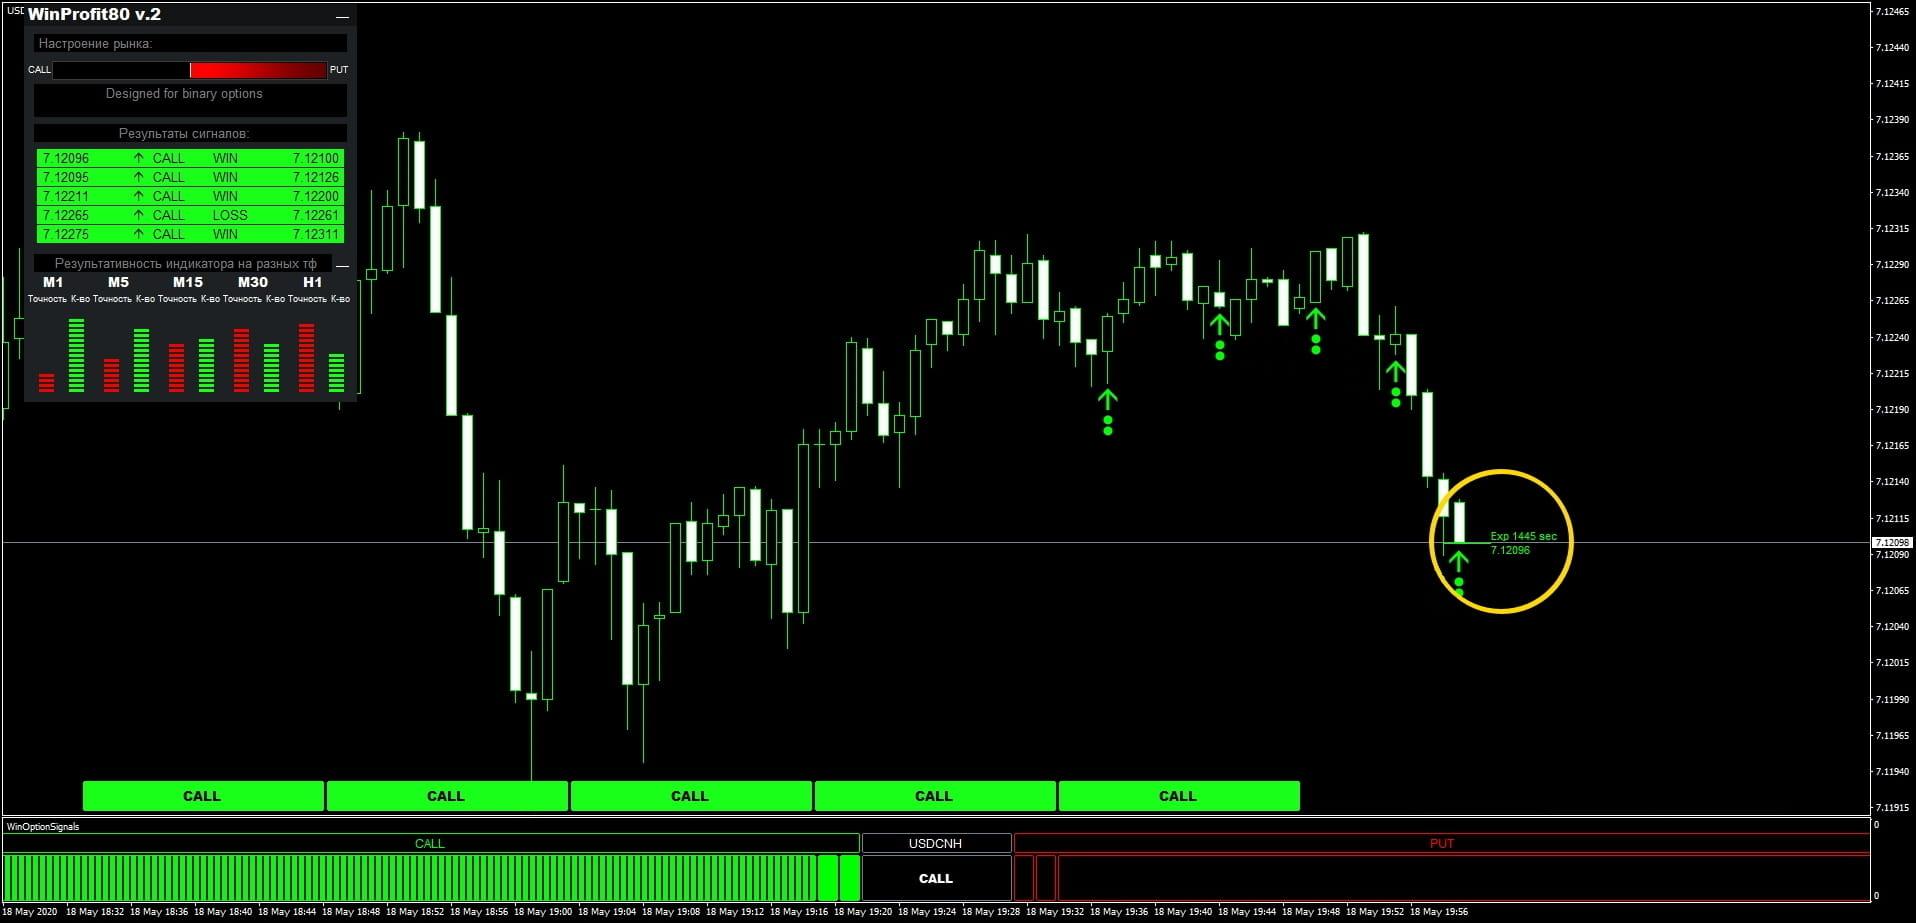 Индикатор win-80 - покупка опциона call